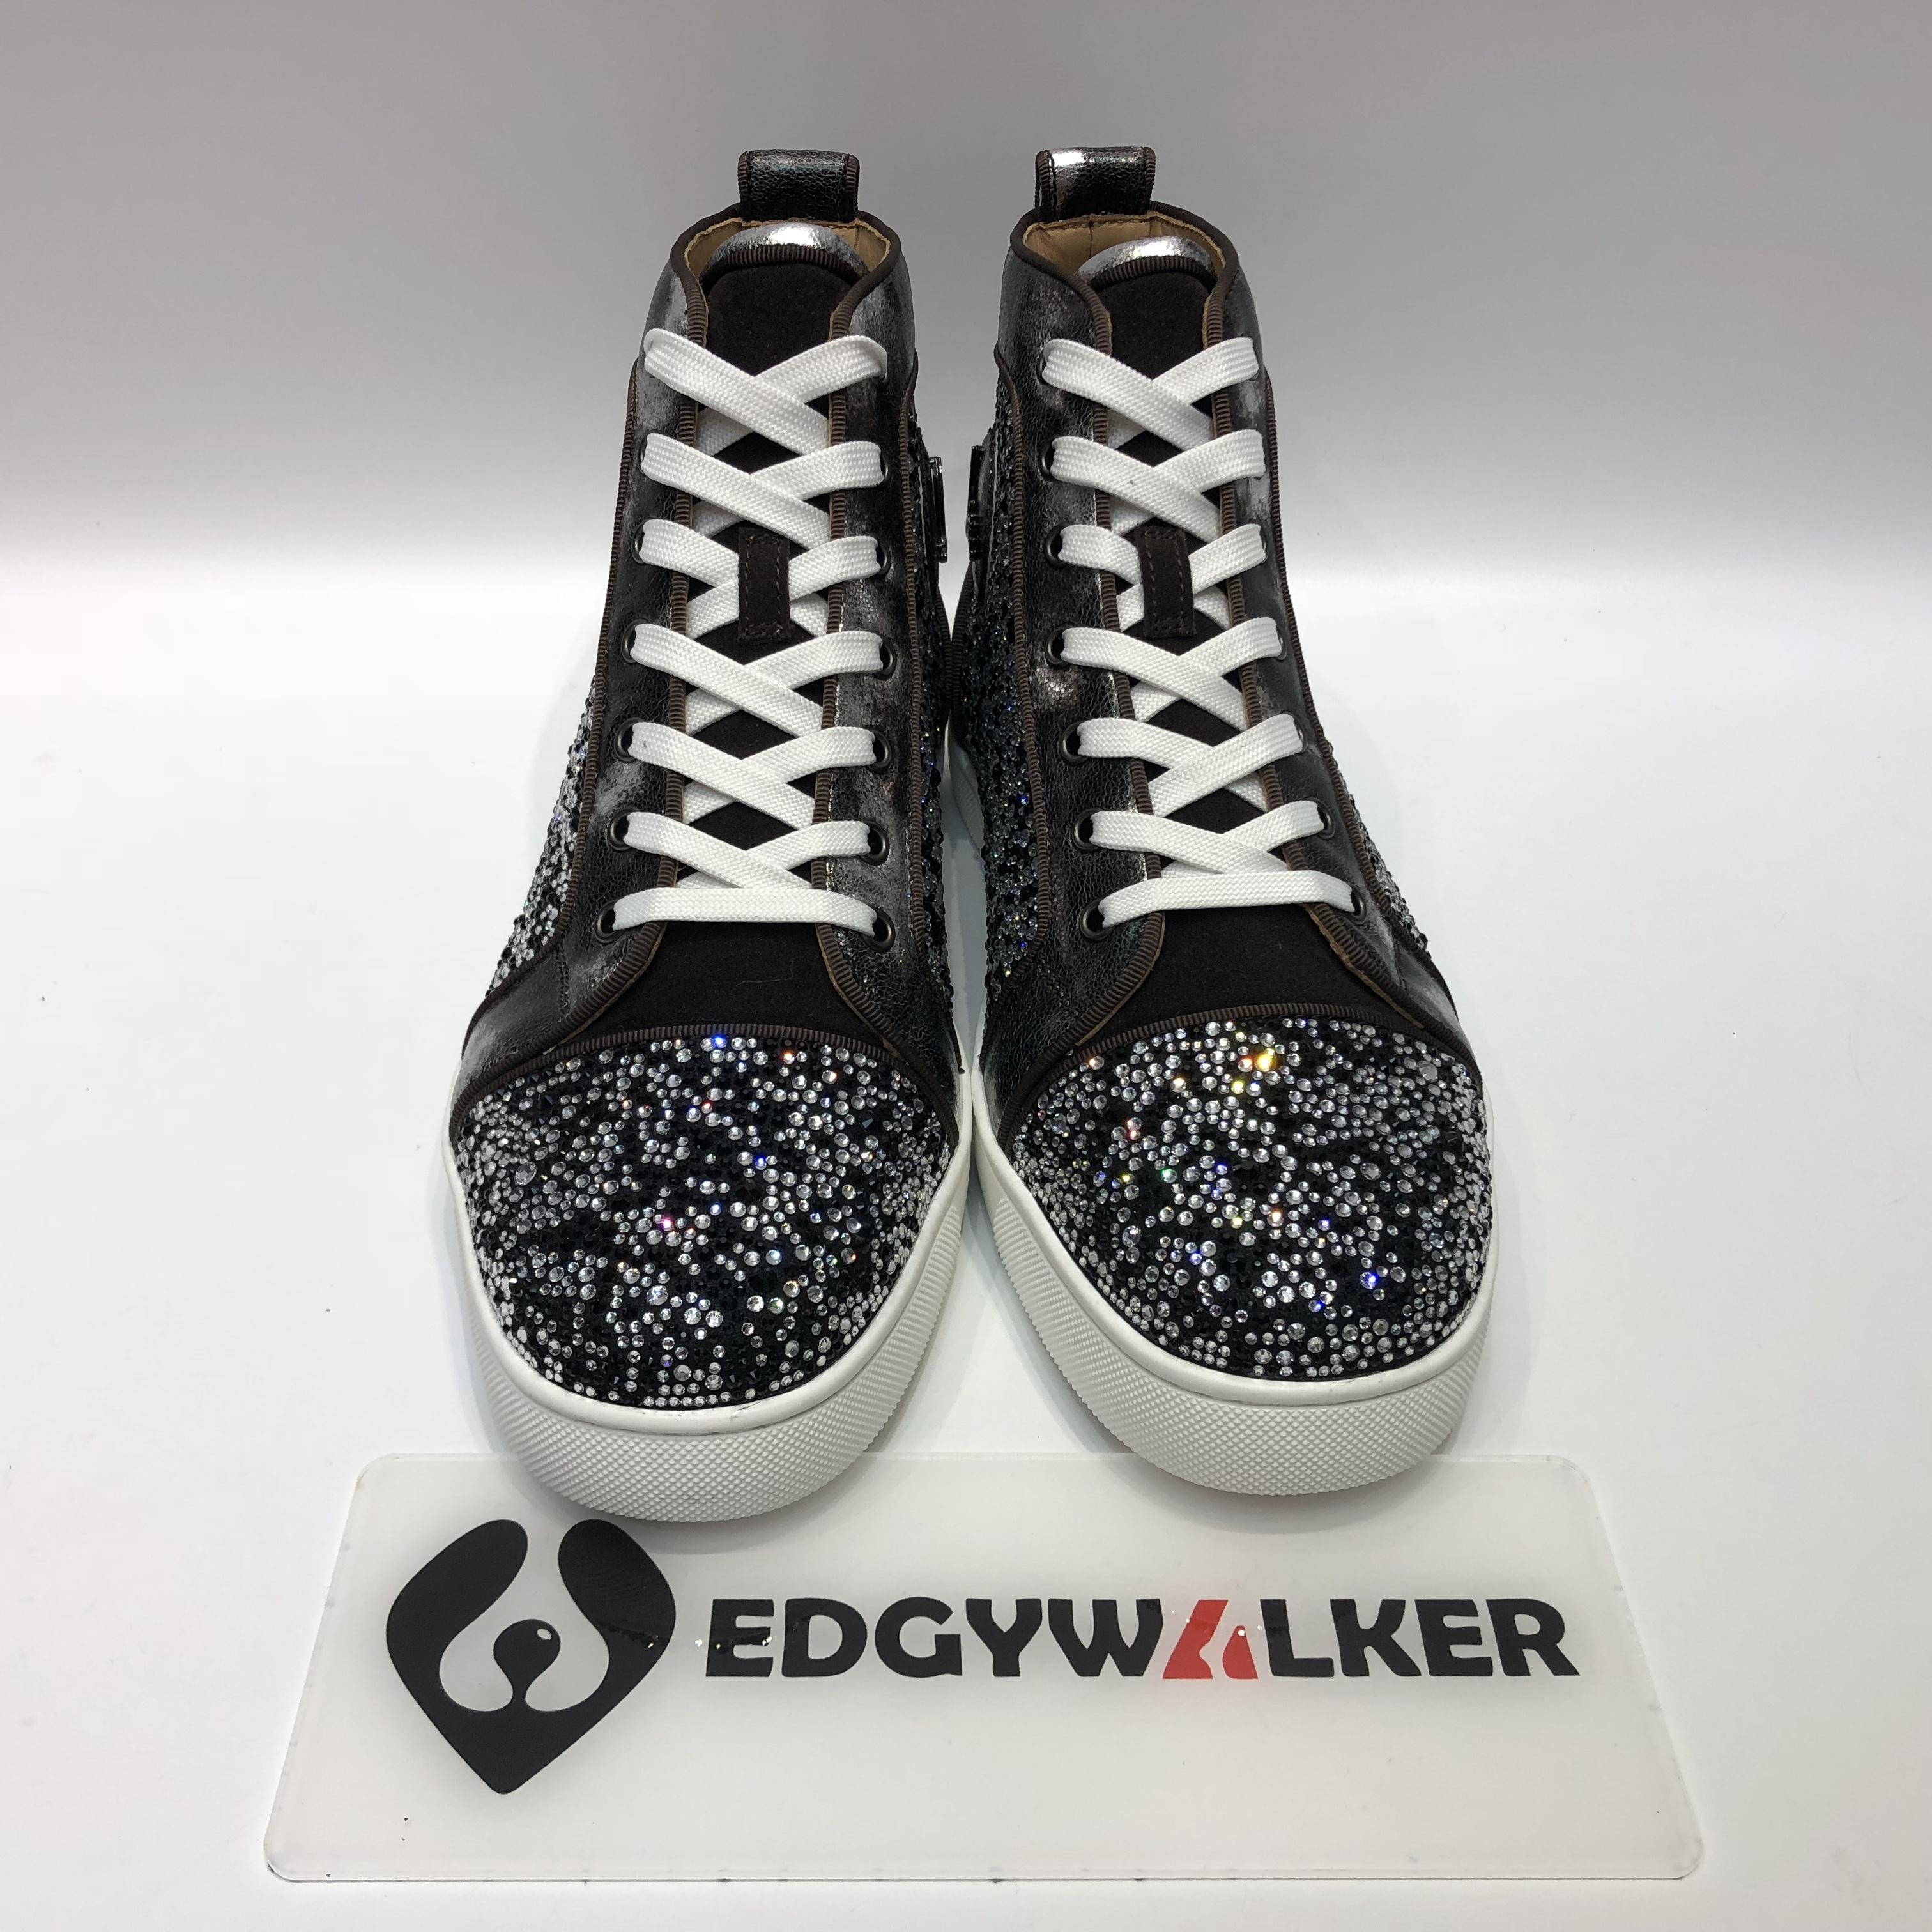 8488cbcfa2a US  300 - CLSKH155 Louboutin Louis Orlato Men s Flat Reglisse Silver Highs  Sneaker - www.edgywalker.net